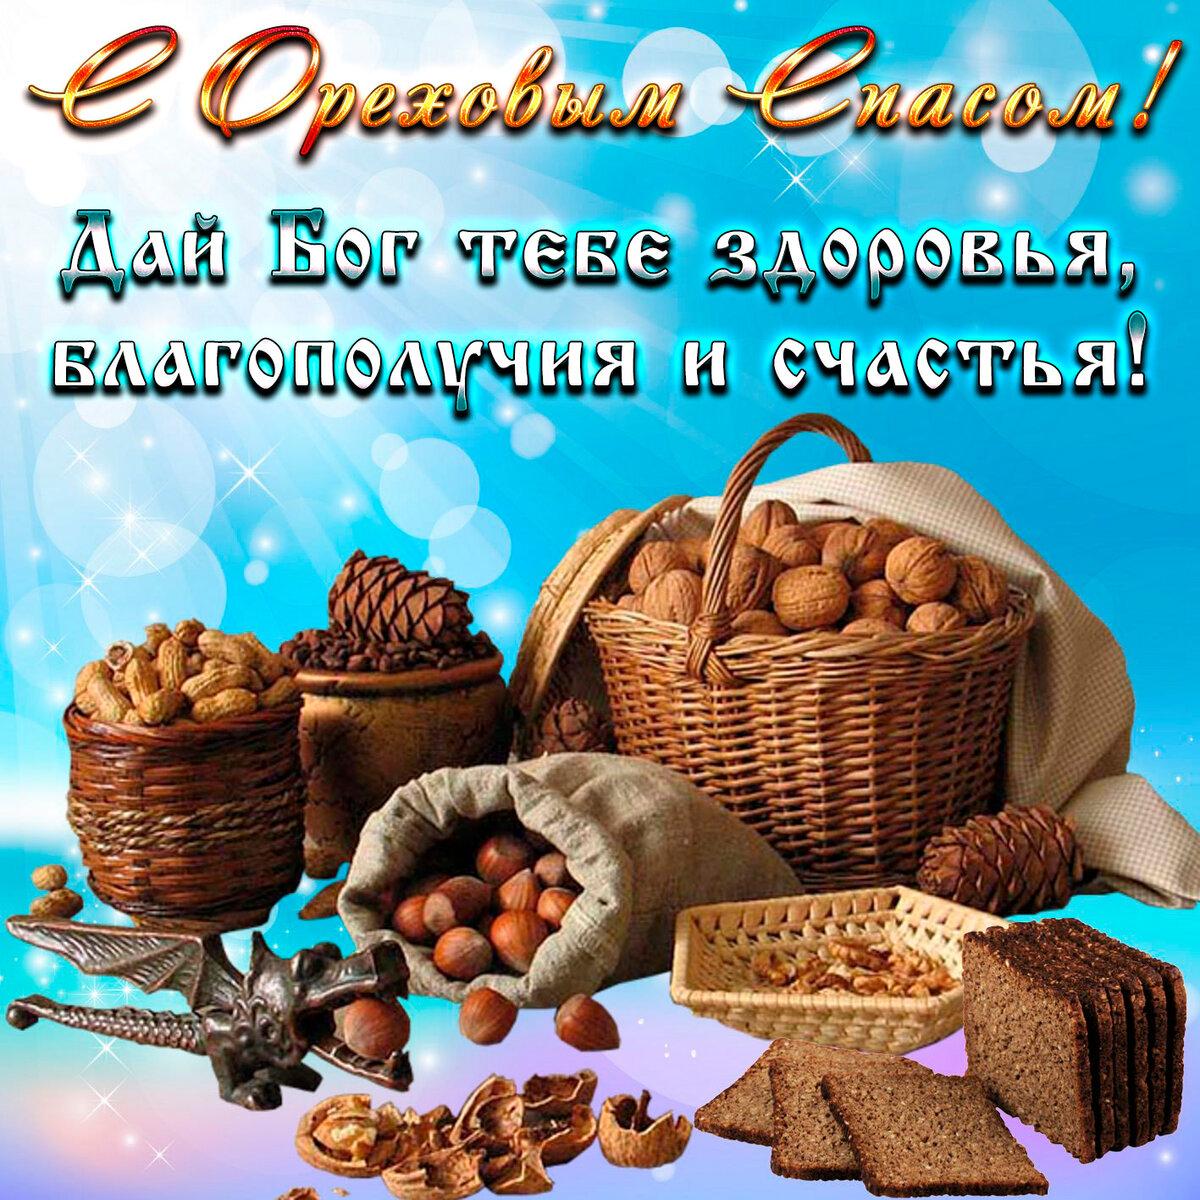 С ореховым и хлебным спасом картинки, болгарского